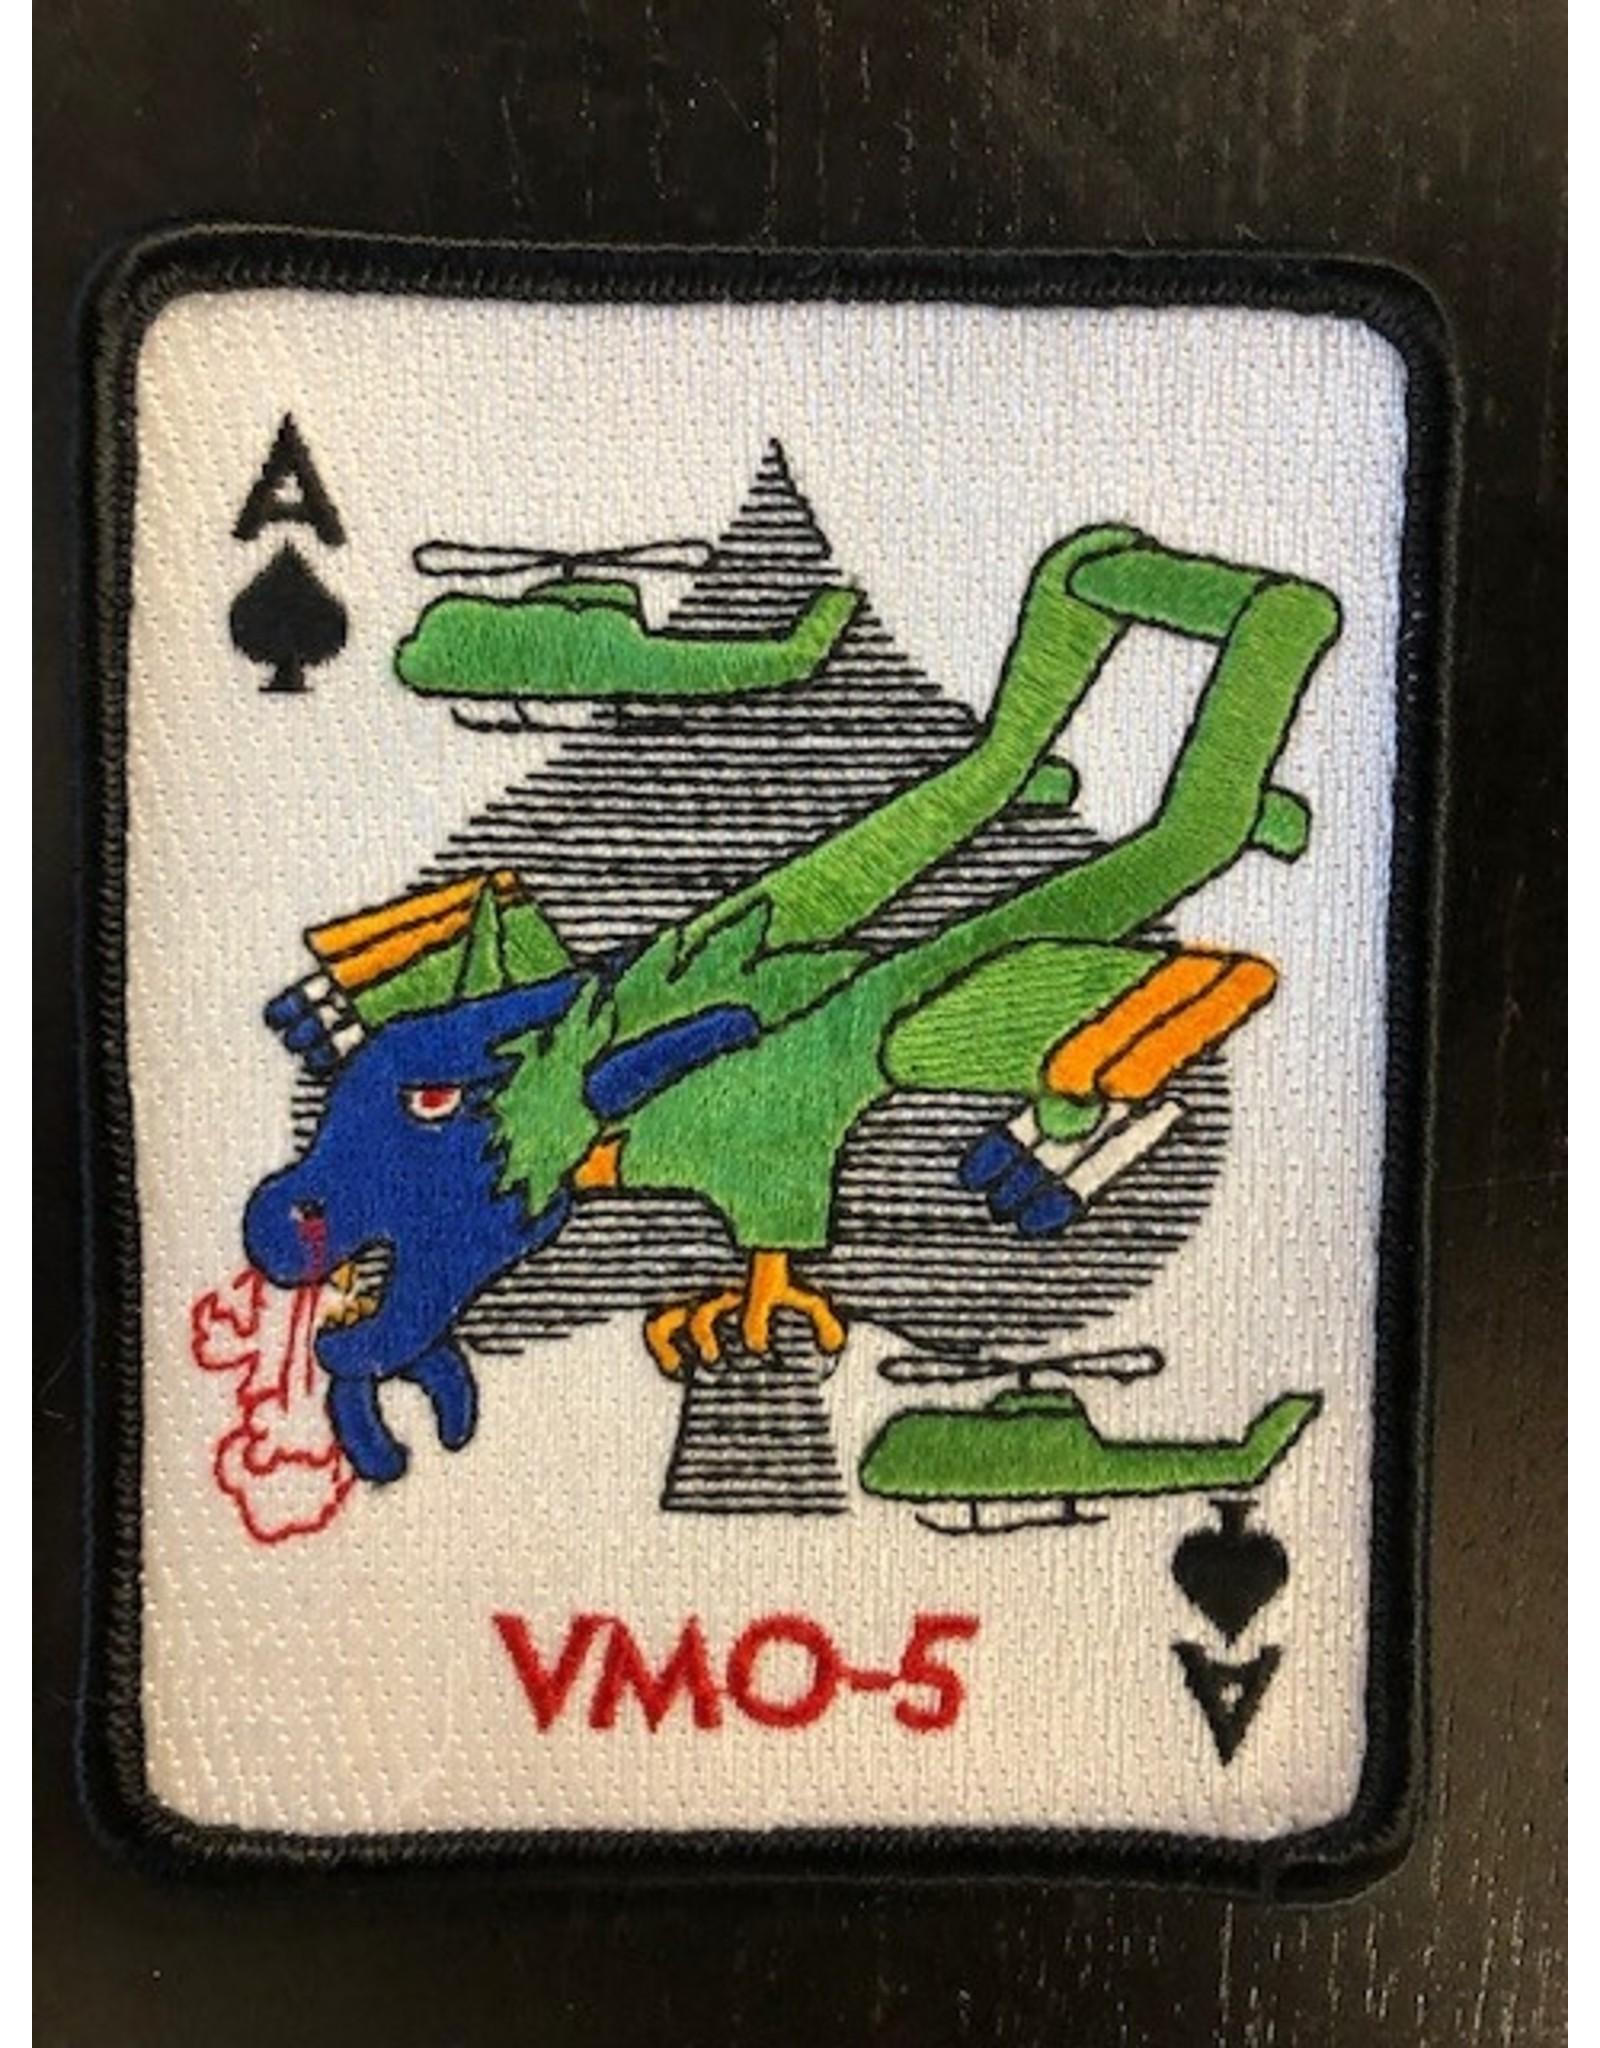 FWAM VMO-5 Aces (31), patch